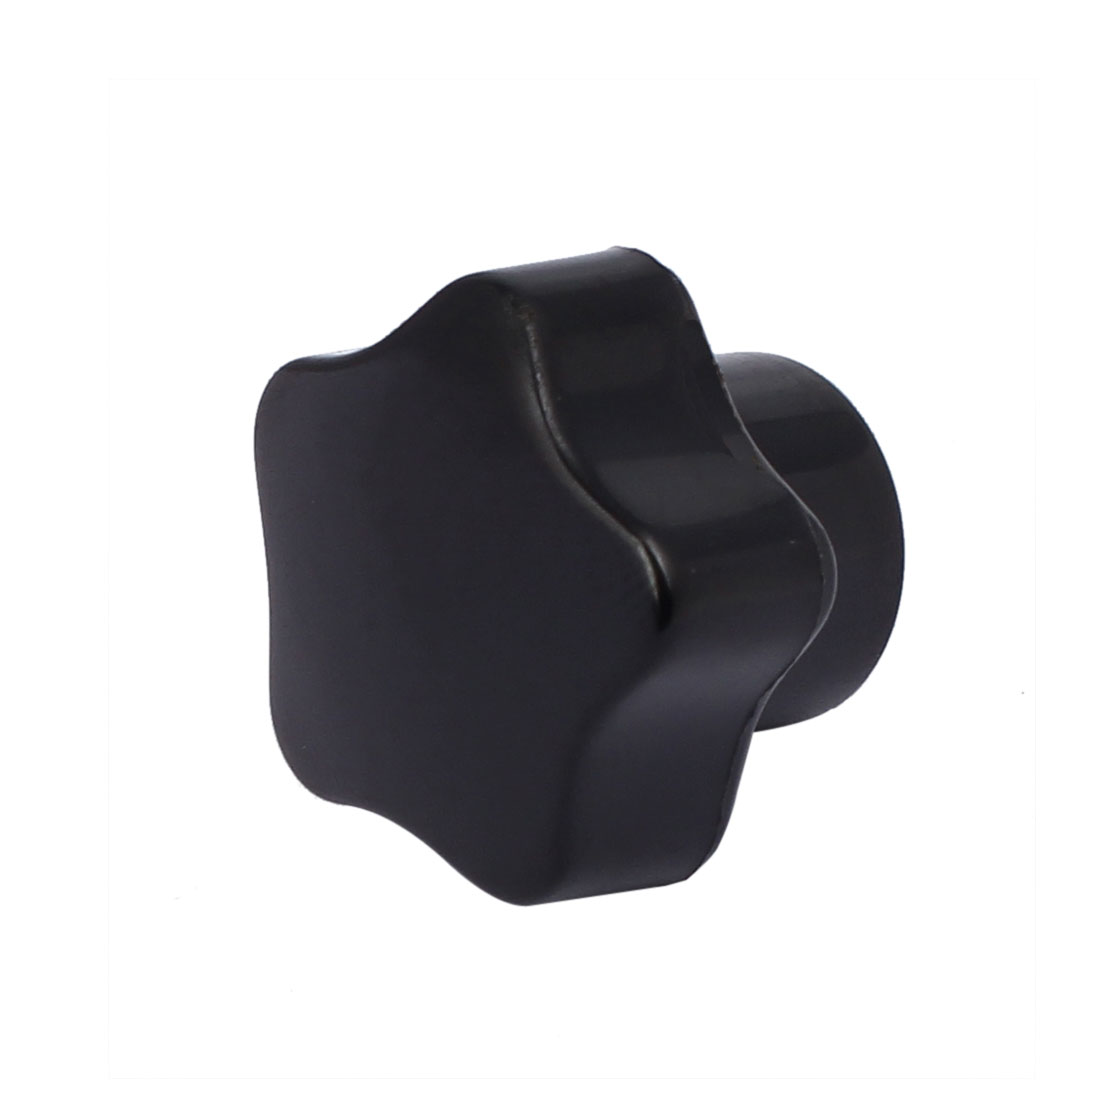 M5 Female Thread Star Head Bakelite Knobs Handle Machine Tool Black - image 2 of 3